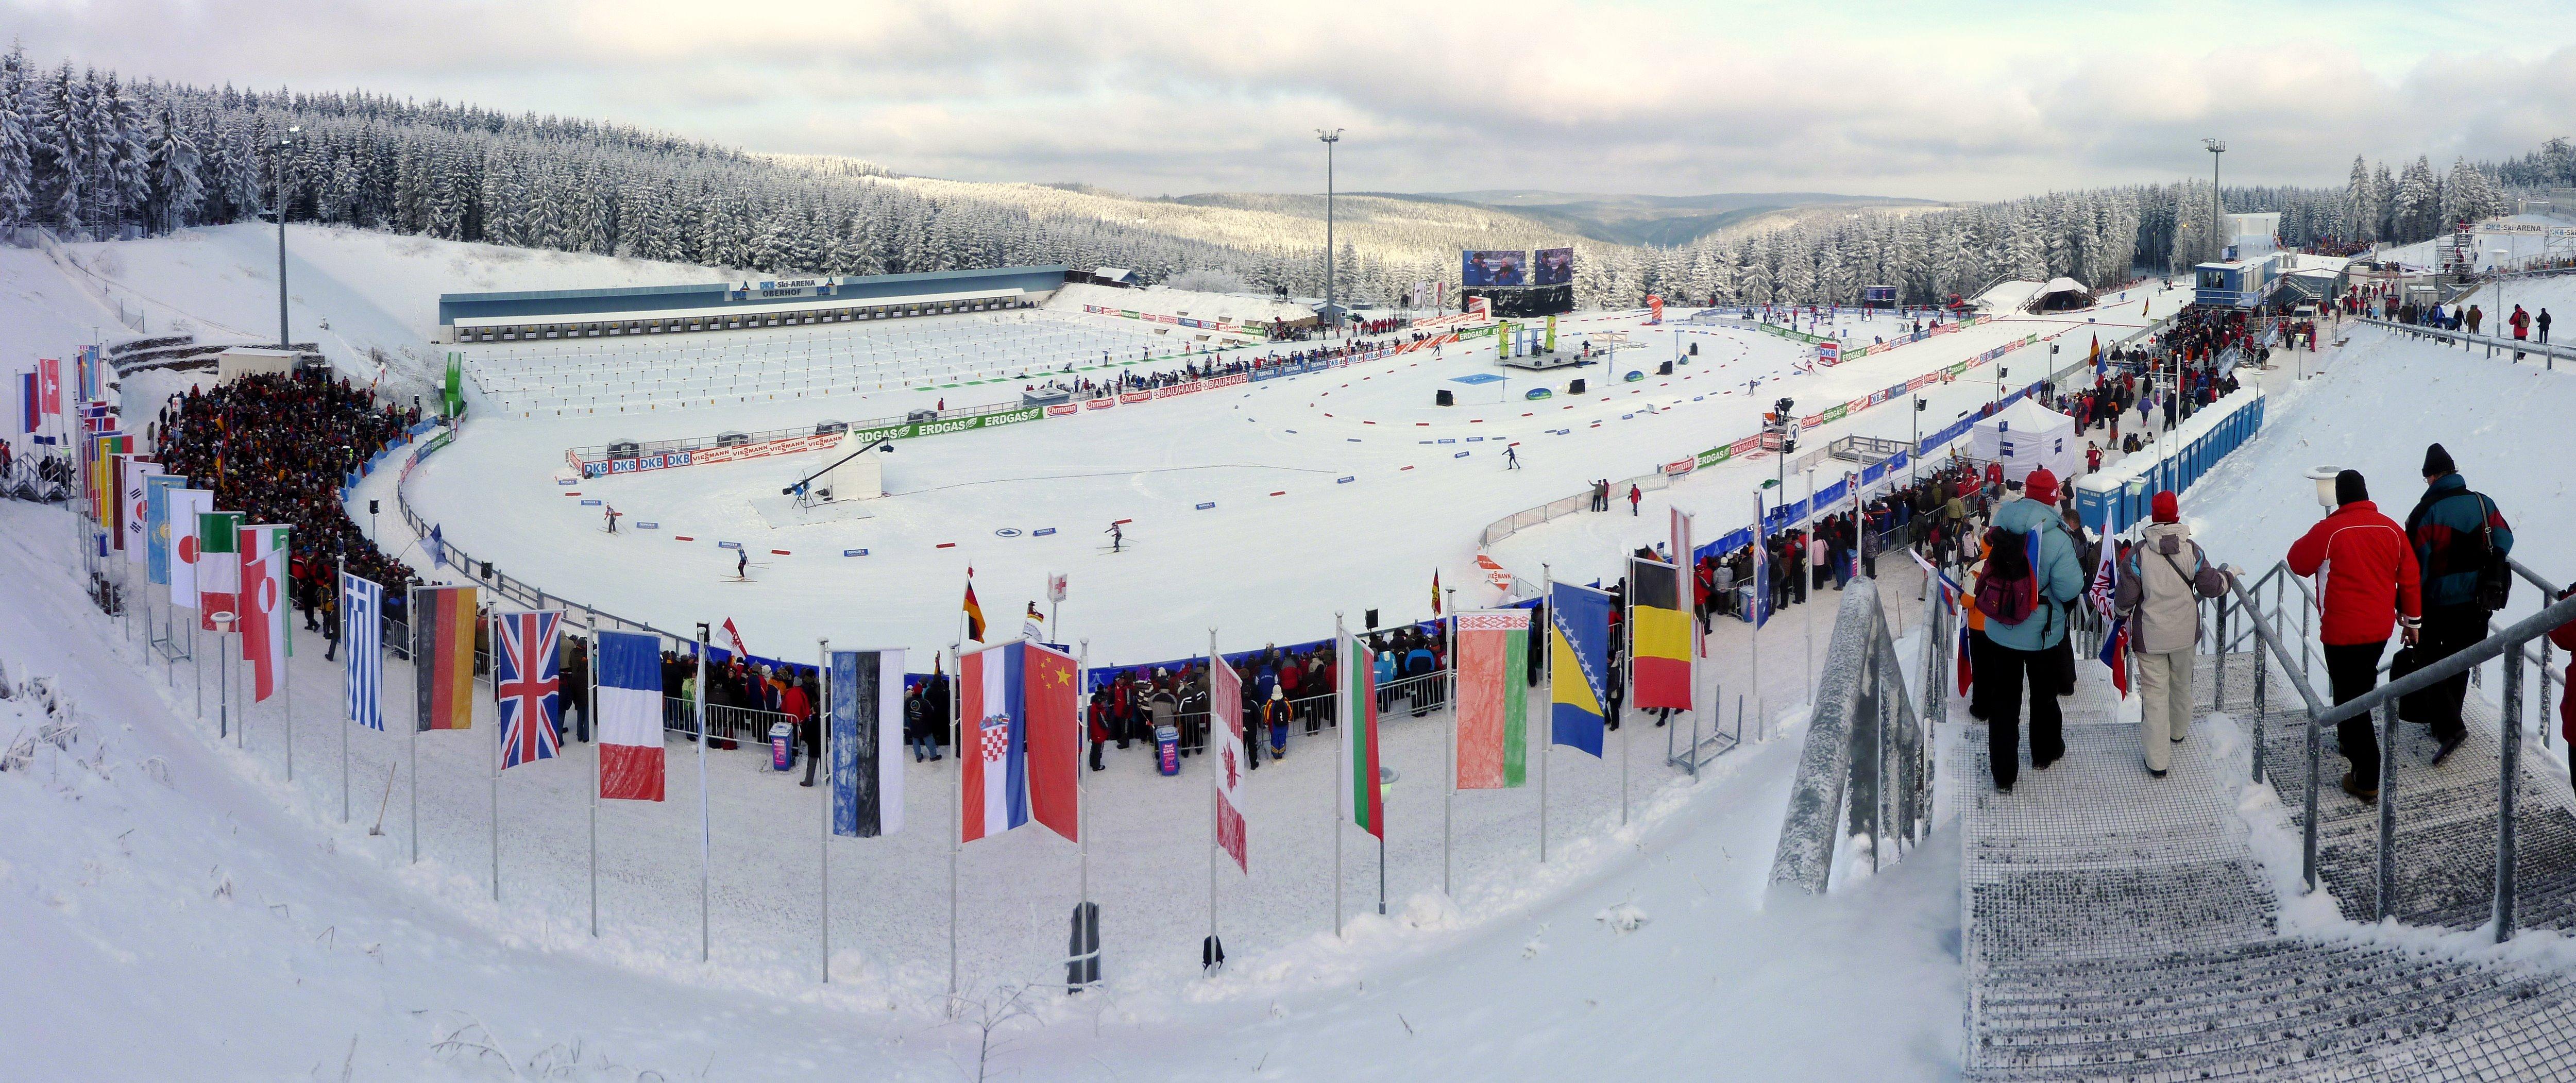 Skiarena Oberhof